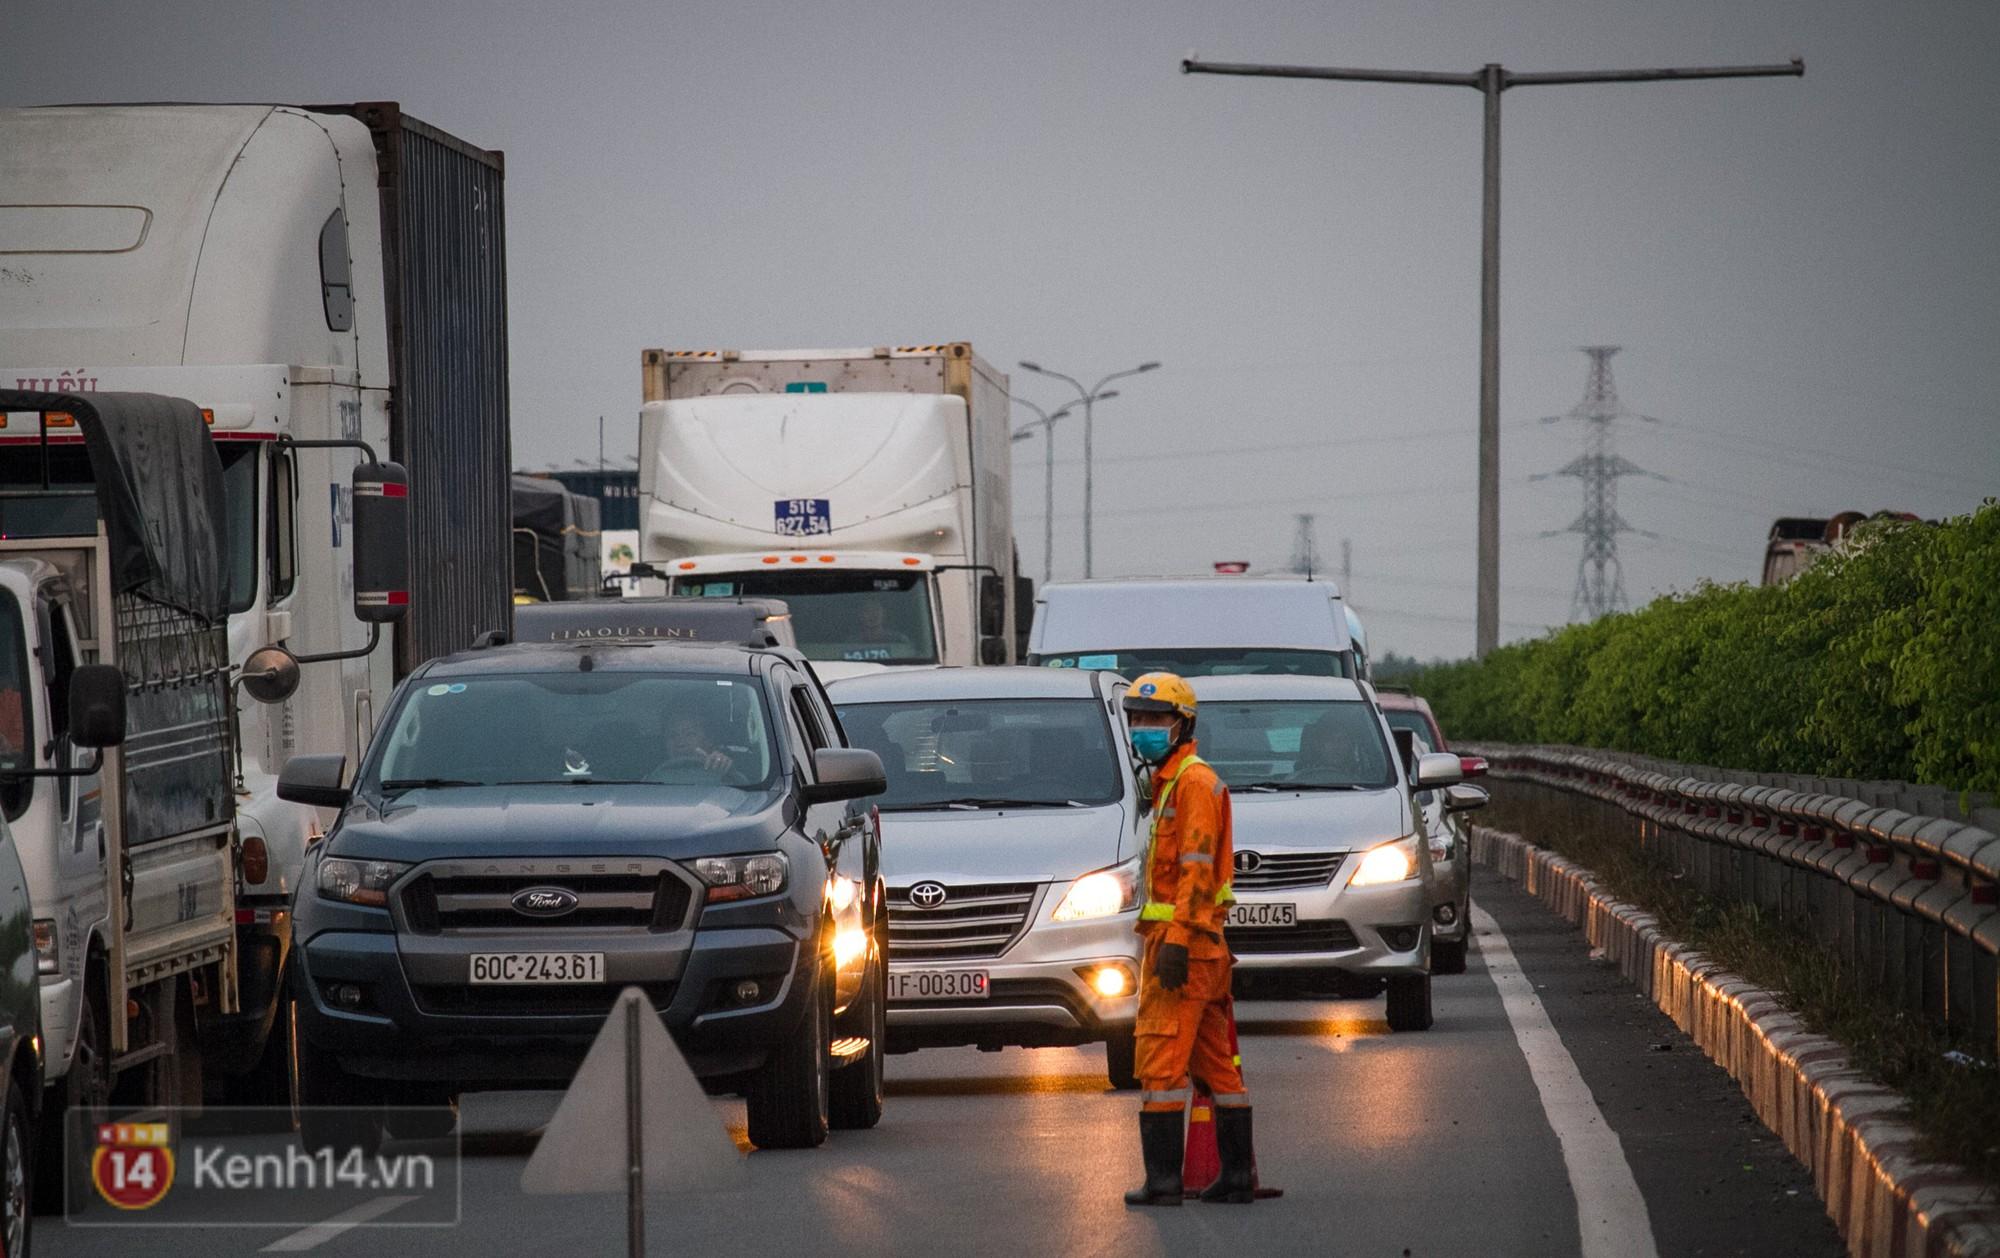 Hành khách ẵm con cuốc bộ trên cao tốc Long Thành sau vụ tai nạn liên hoàn khiến cả tuyến đường kẹt cứng - Ảnh 13.